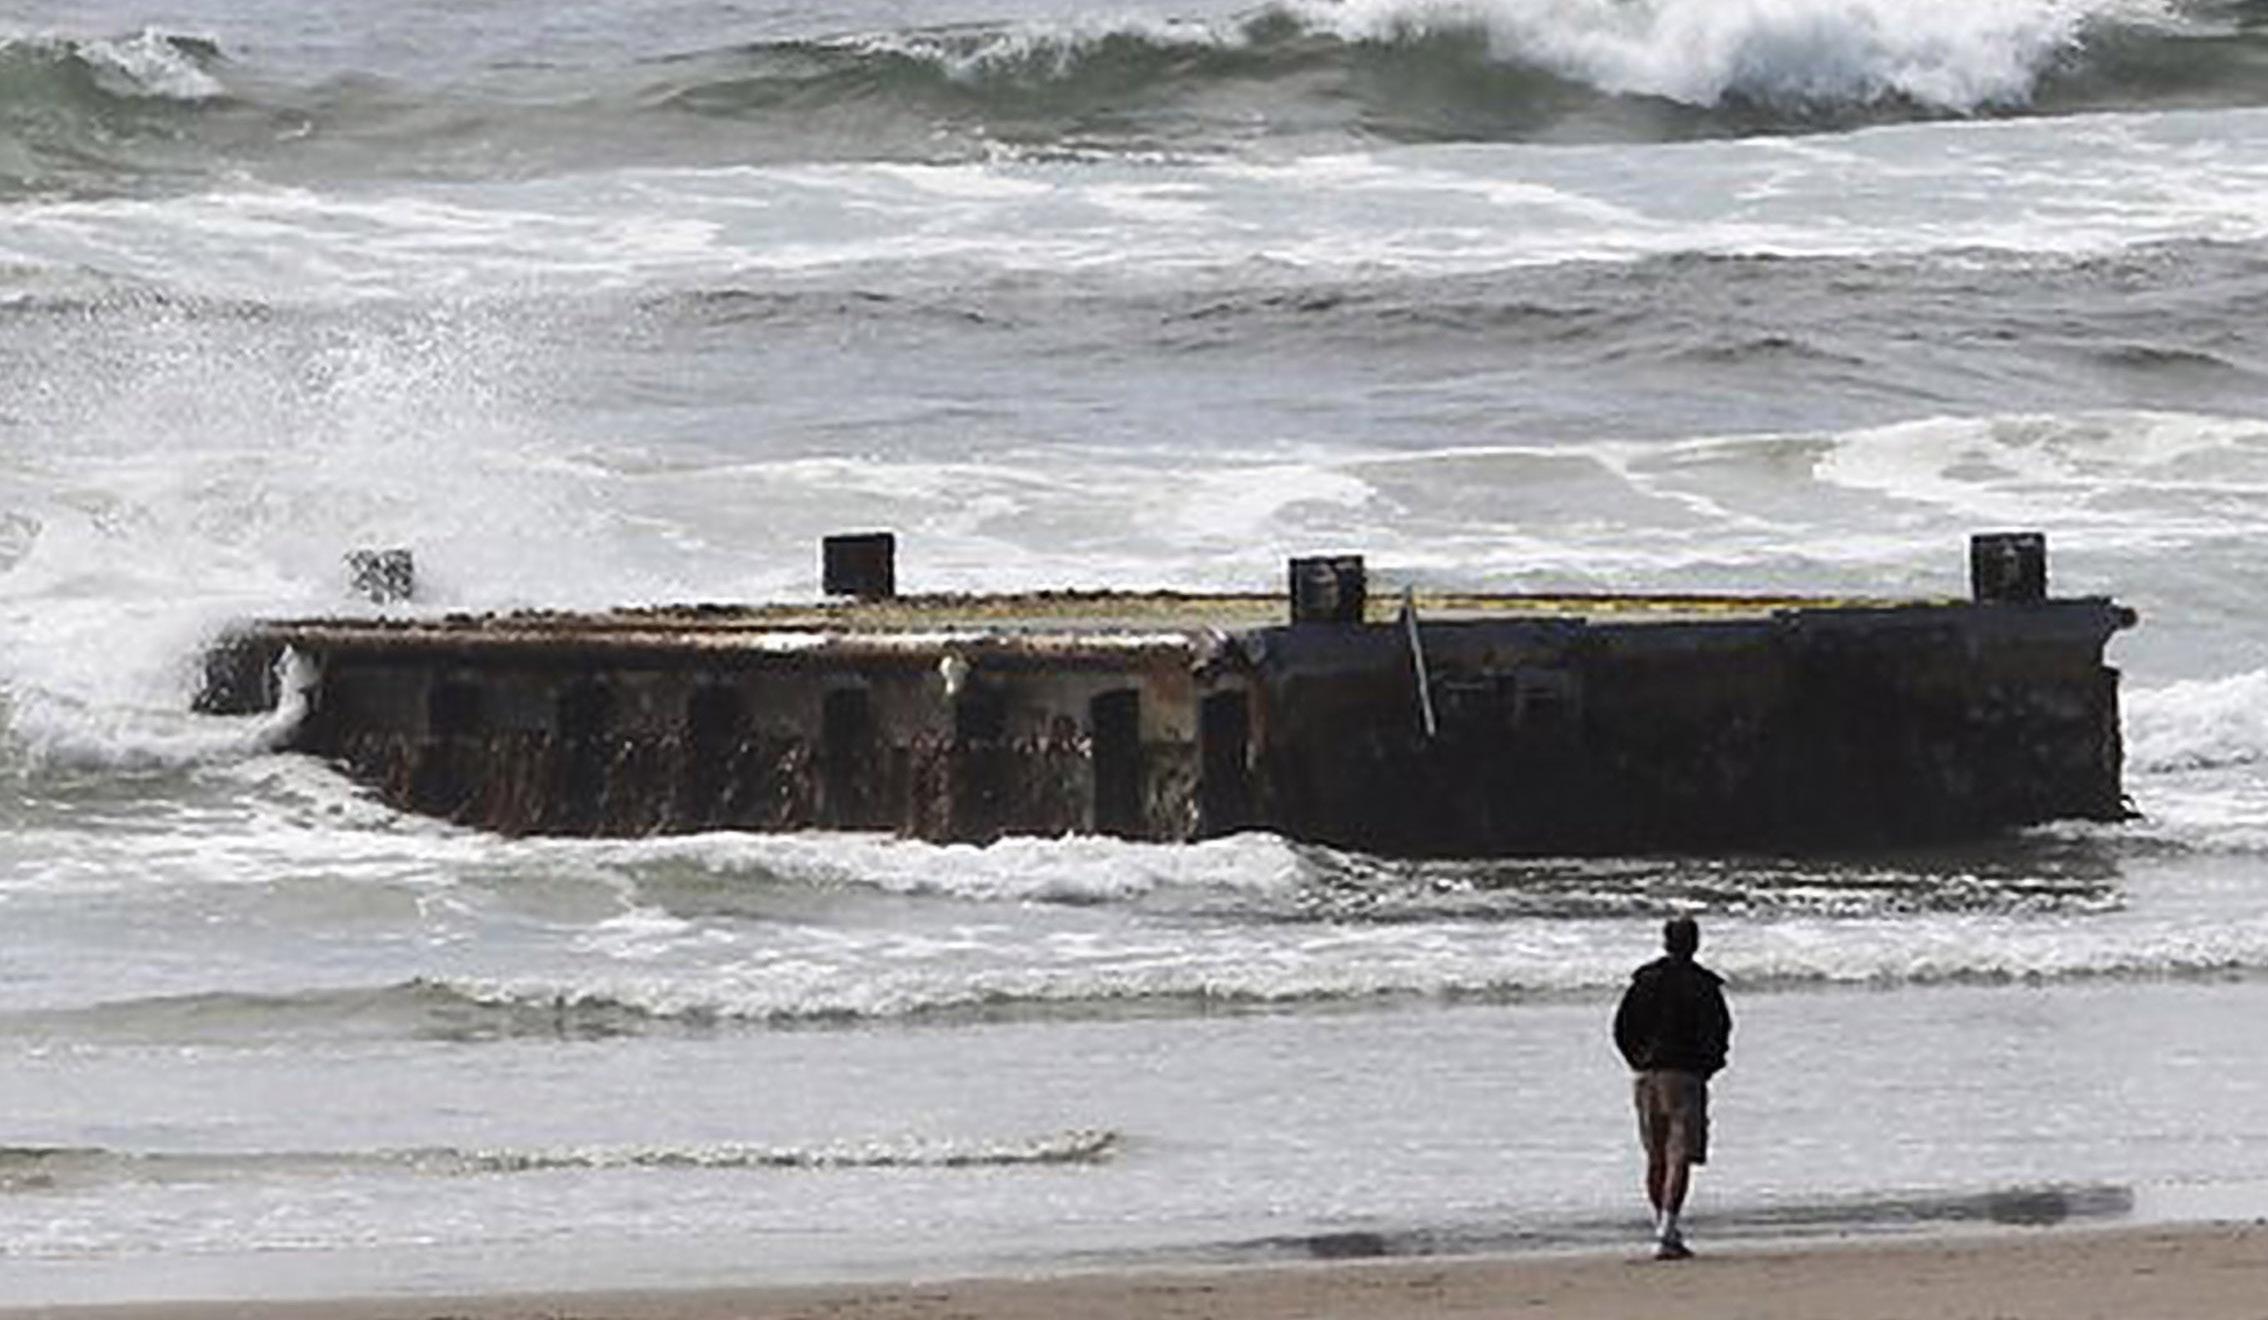 65 ft dock lying on its side washed up on the Oregon coast